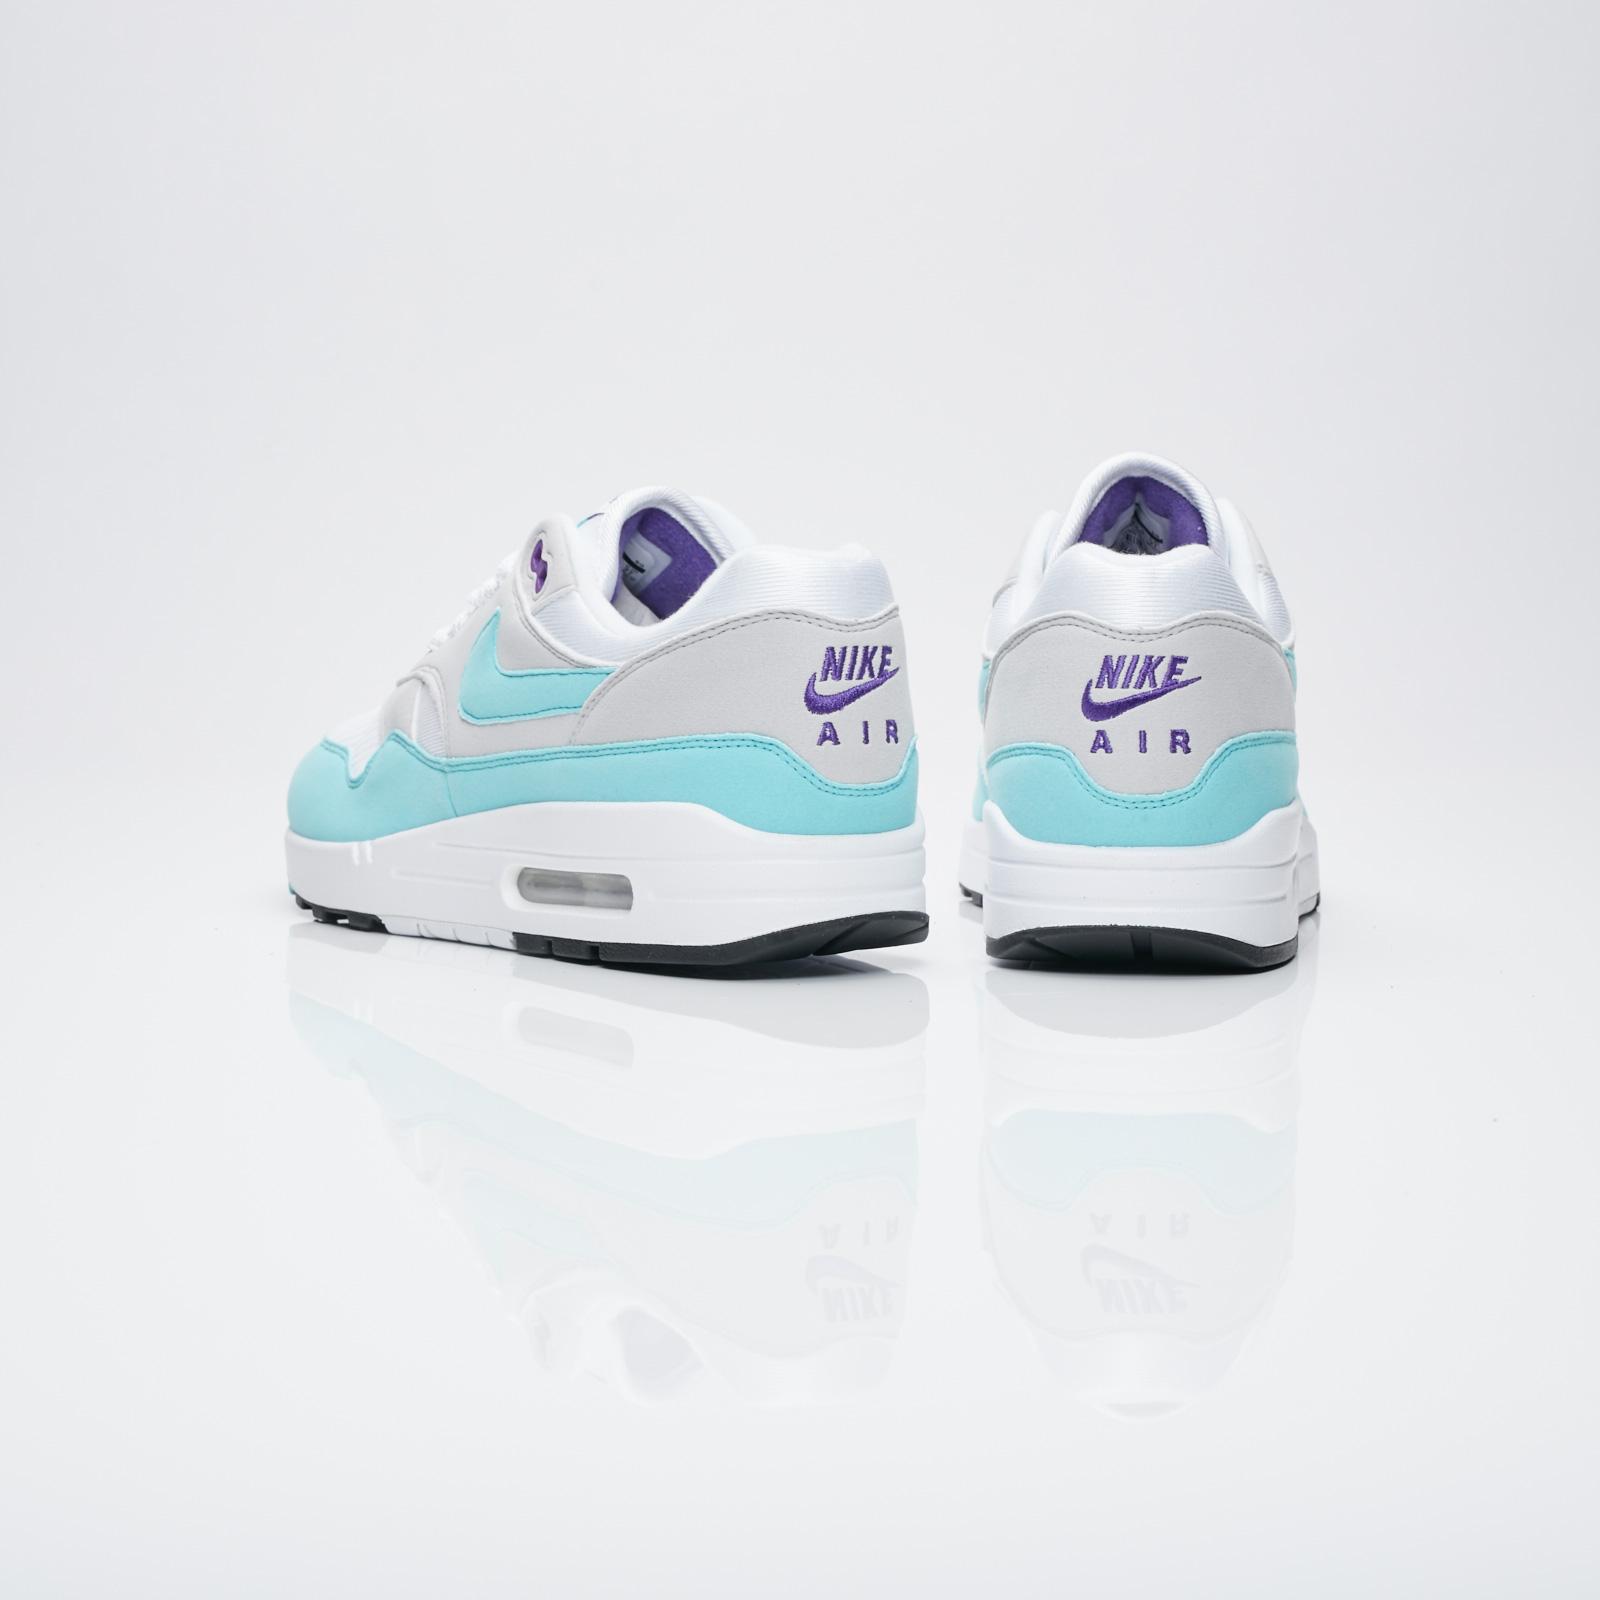 7caeef0d03 Nike Air Max 1 Anniversary - 908375-105 - Sneakersnstuff | sneakers &  streetwear online since 1999